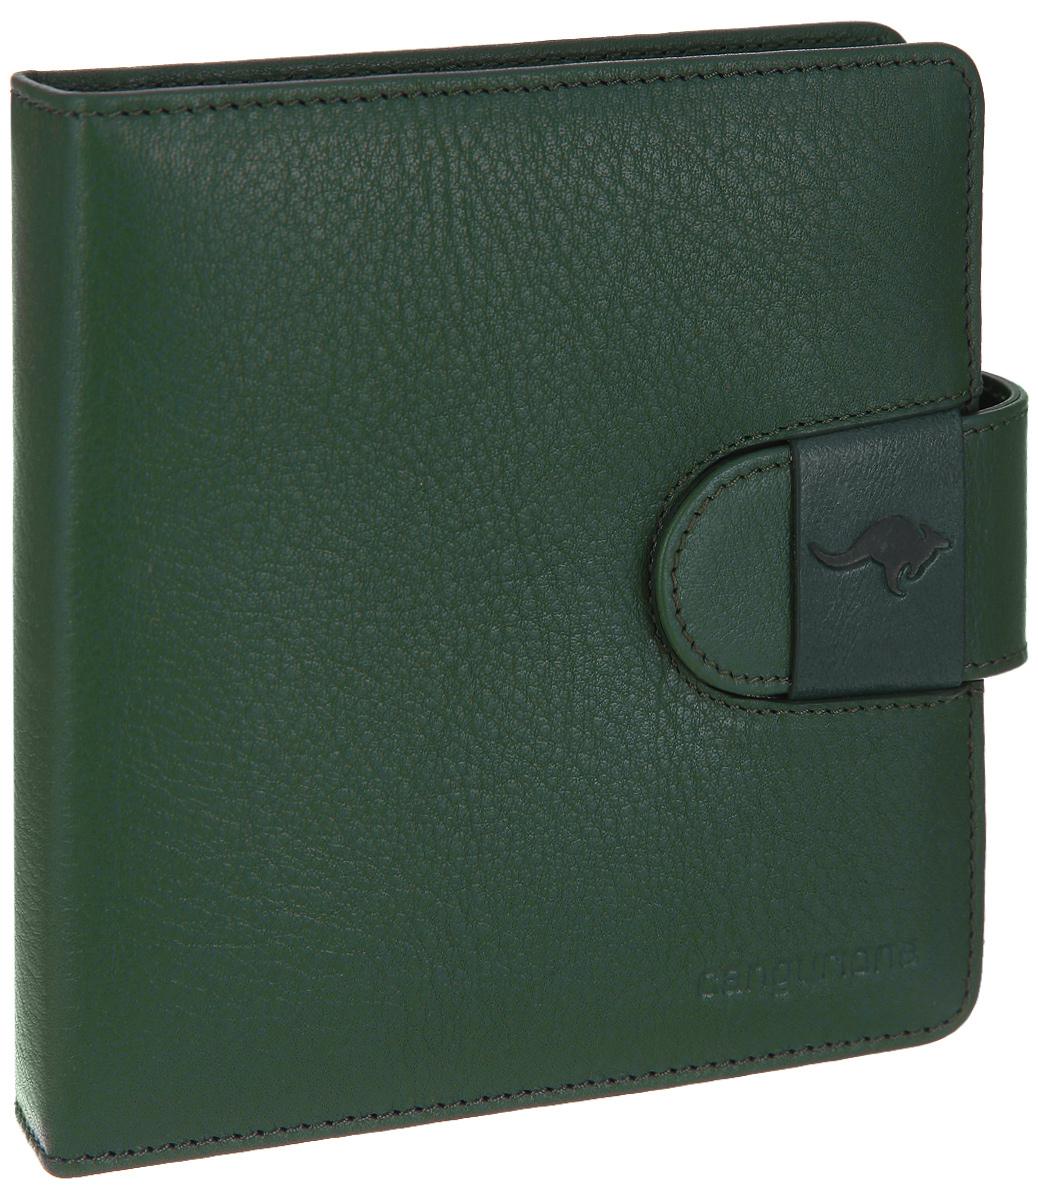 Визитница Cangurione, цвет: зеленый. 3197-0093197-009 A/GreenСтильная визитница Cangurione выполнена из натуральной кожи с зернистой фактурой, оформлена клеймом с символикой бренда. Изделие раскладывается пополам и закрывается хлястиком. Внутри размещены два боковых сетчатых кармана и вкладыш с файлами на 40 кредитных карт или 80 визиток. Изделие поставляется в фирменной упаковке. Оригинальная визитница Cangurione станет отличным подарком для человека, ценящего качественные и практичные вещи.